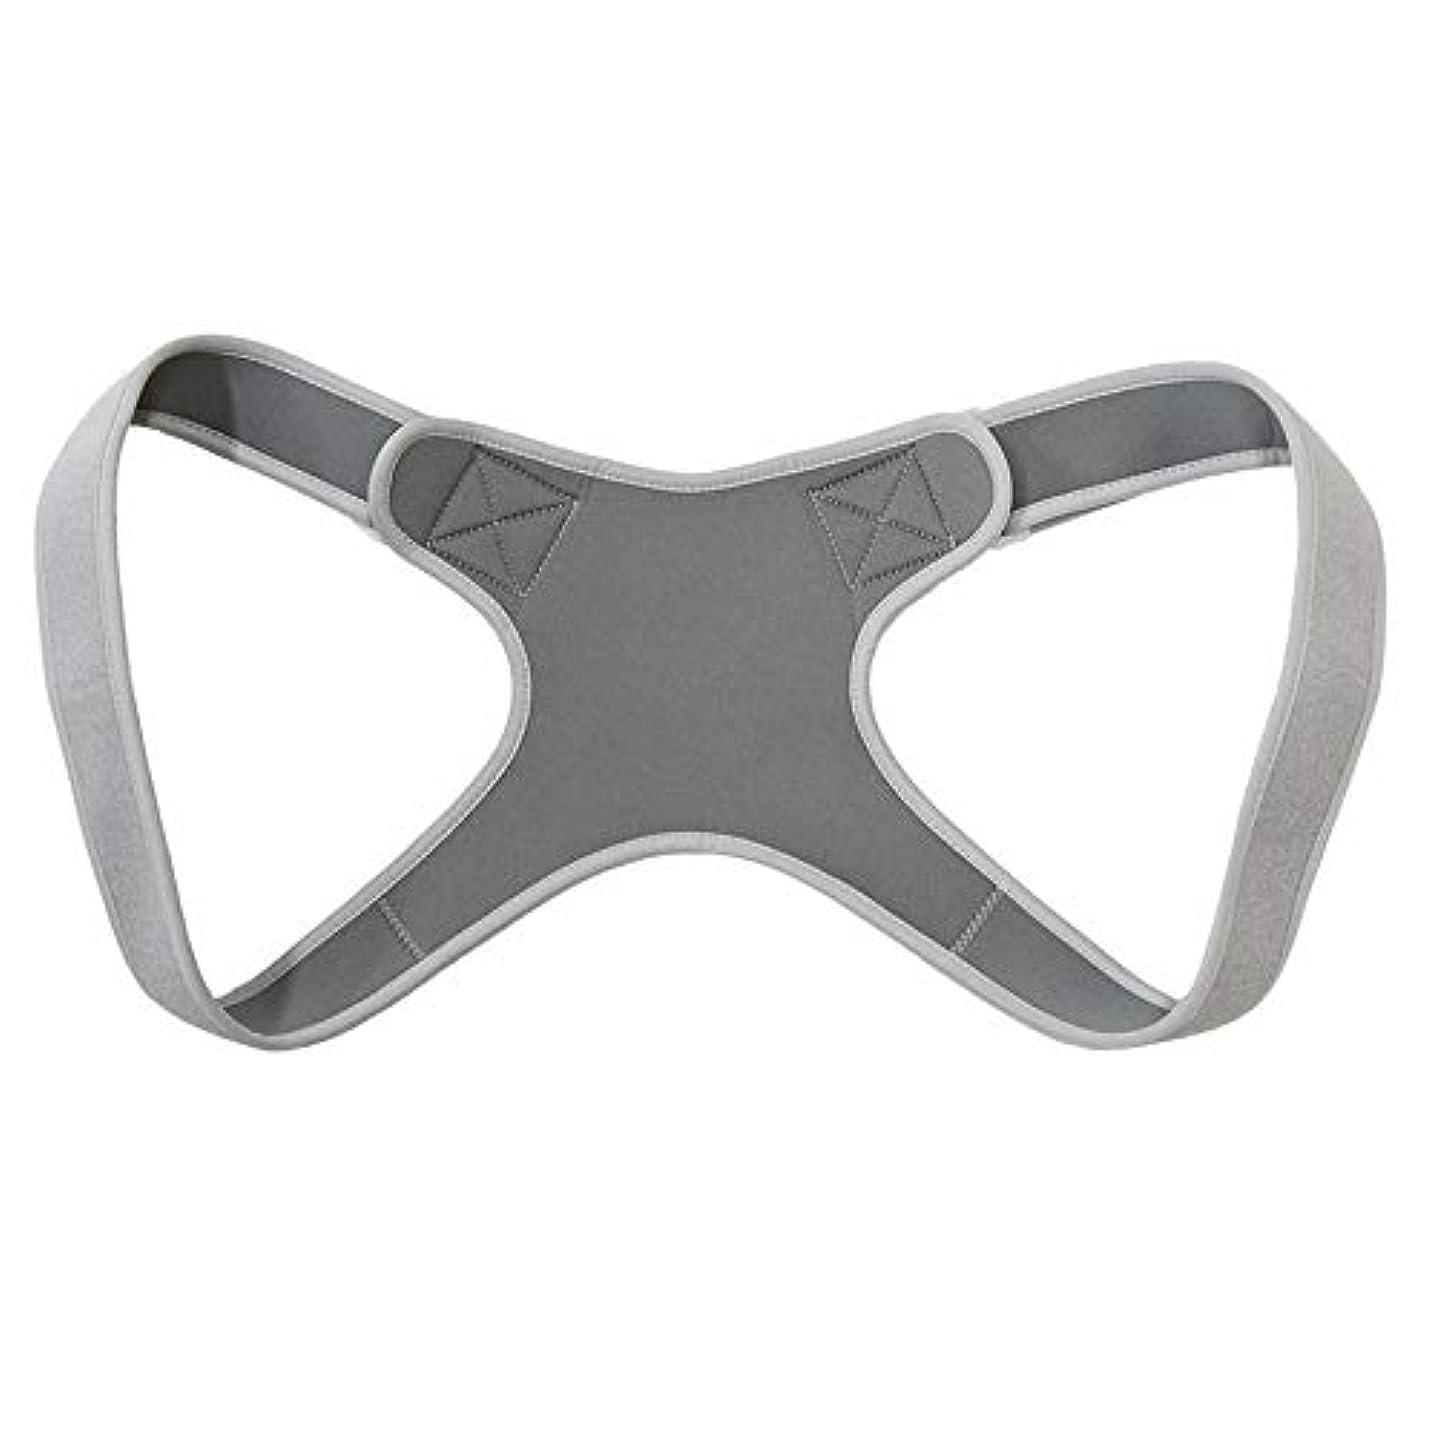 モスク小康呼び起こす新しいアッパーバックポスチャーコレクター姿勢鎖骨サポートコレクターバックストレートショルダーブレースストラップコレクター - グレー